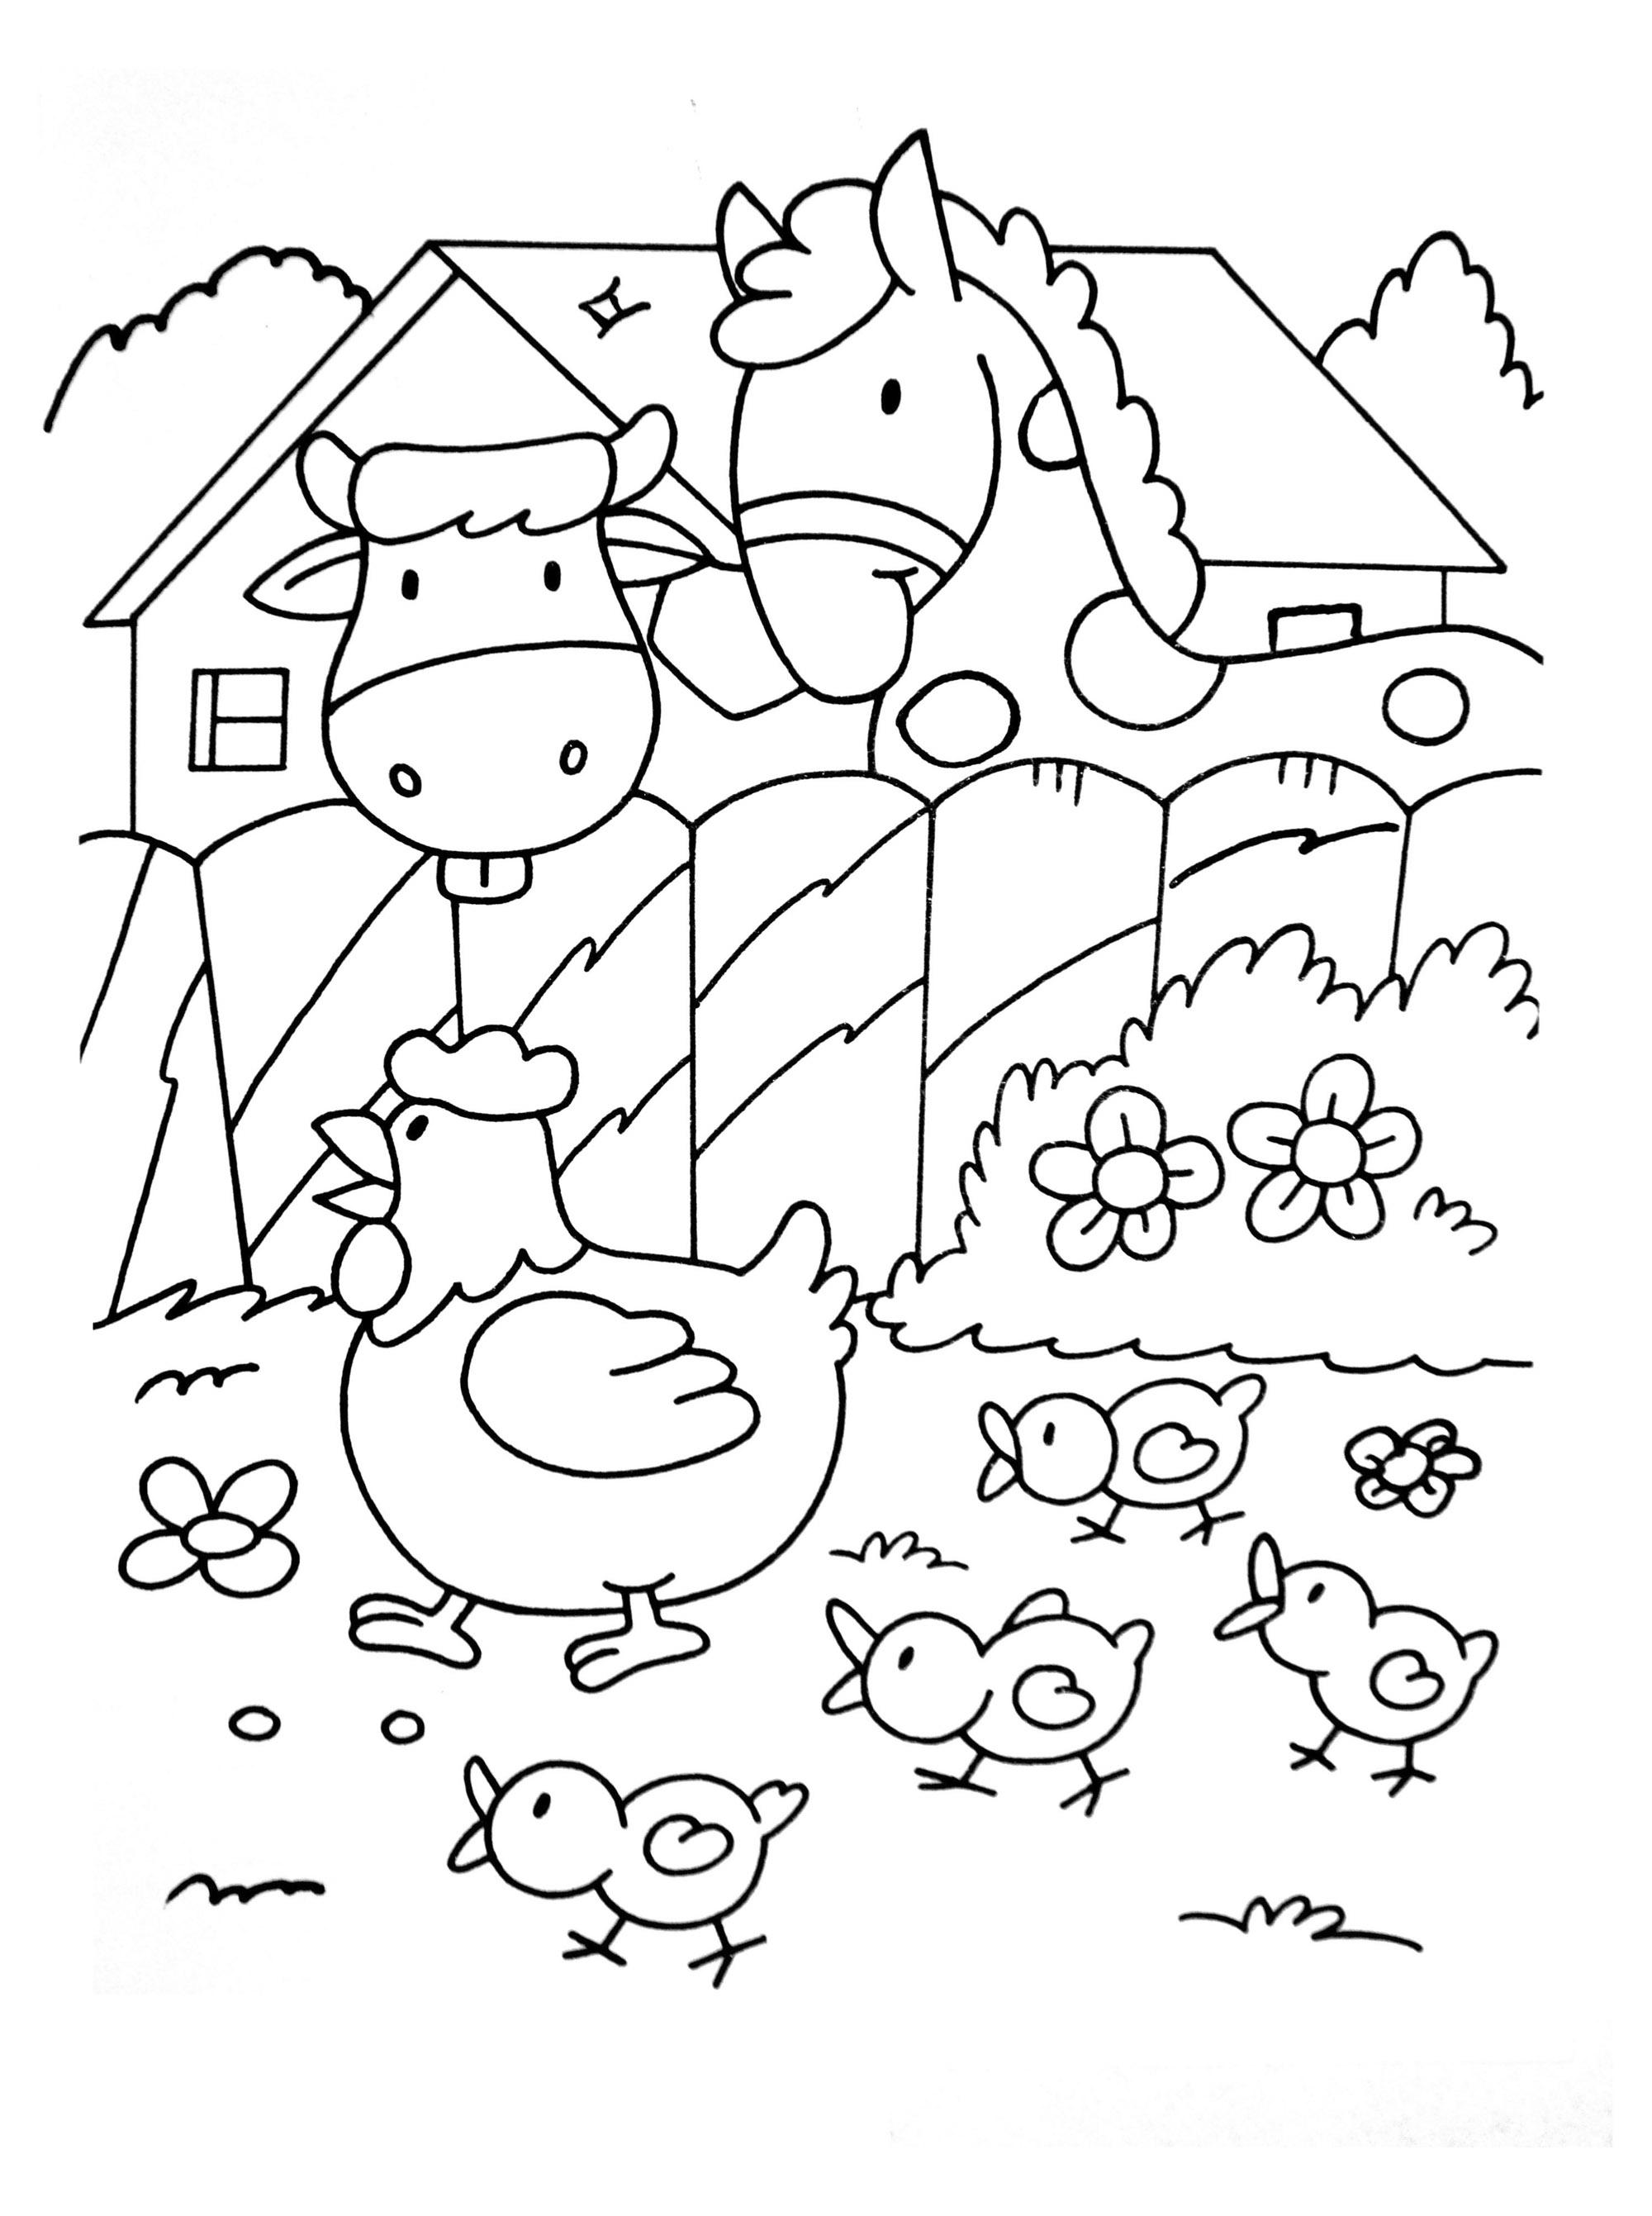 A imprimer chevaux 3 coloriages de chevaux et poneys coloriages pour enfants - Animaux a dessiner imprimer ...